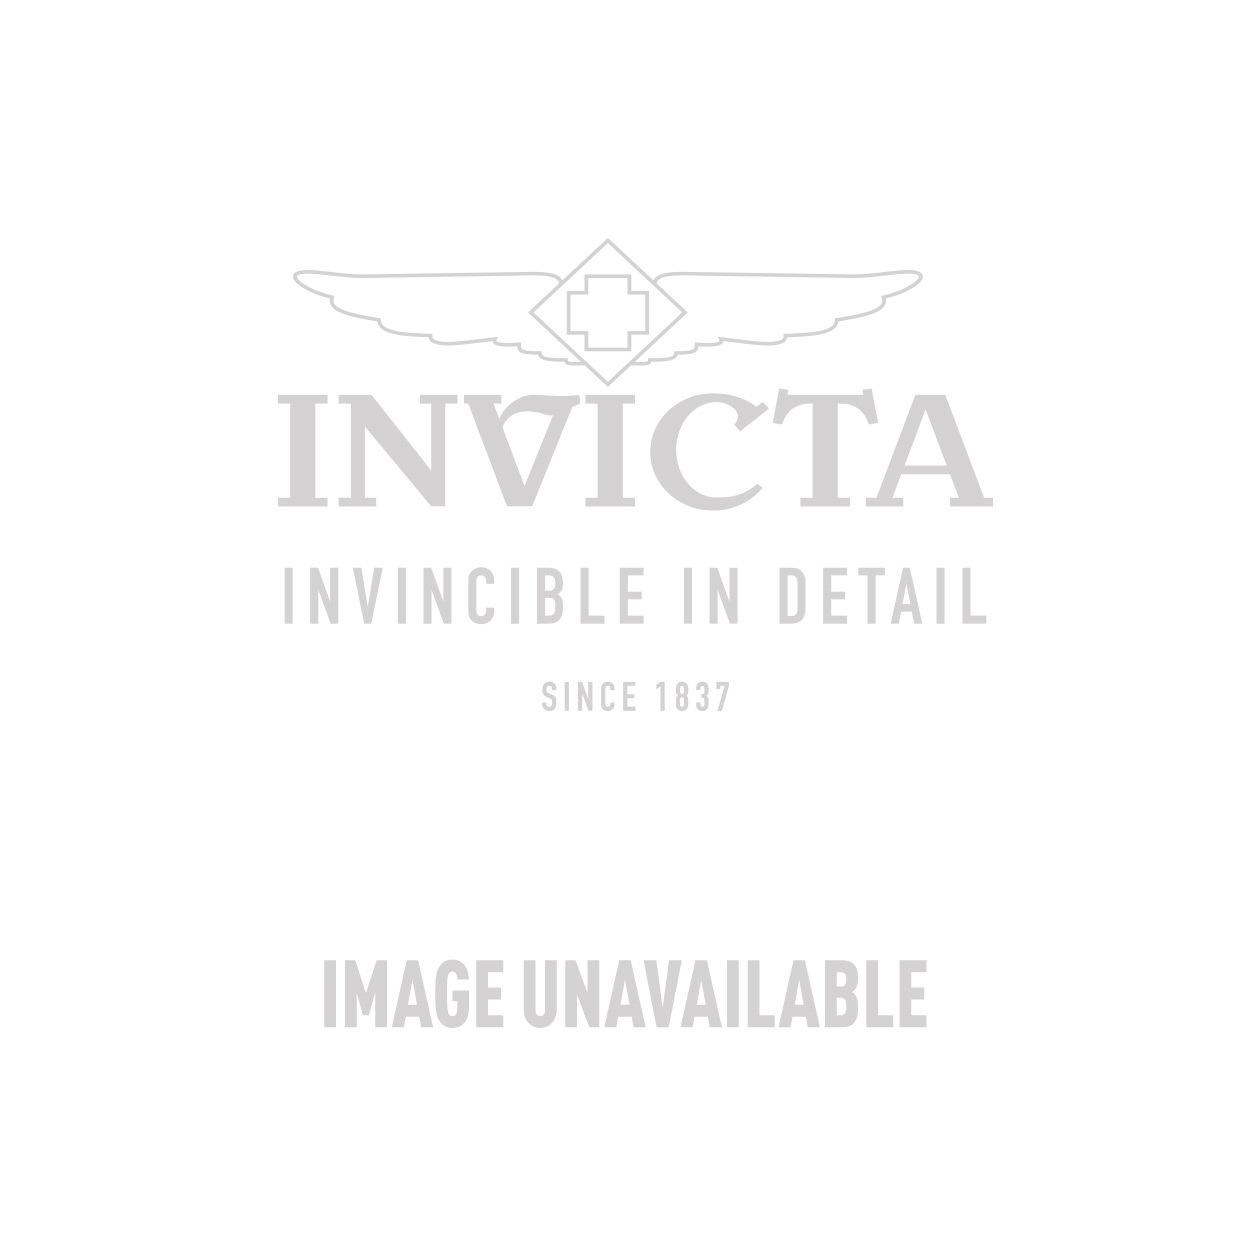 Invicta Model 29616